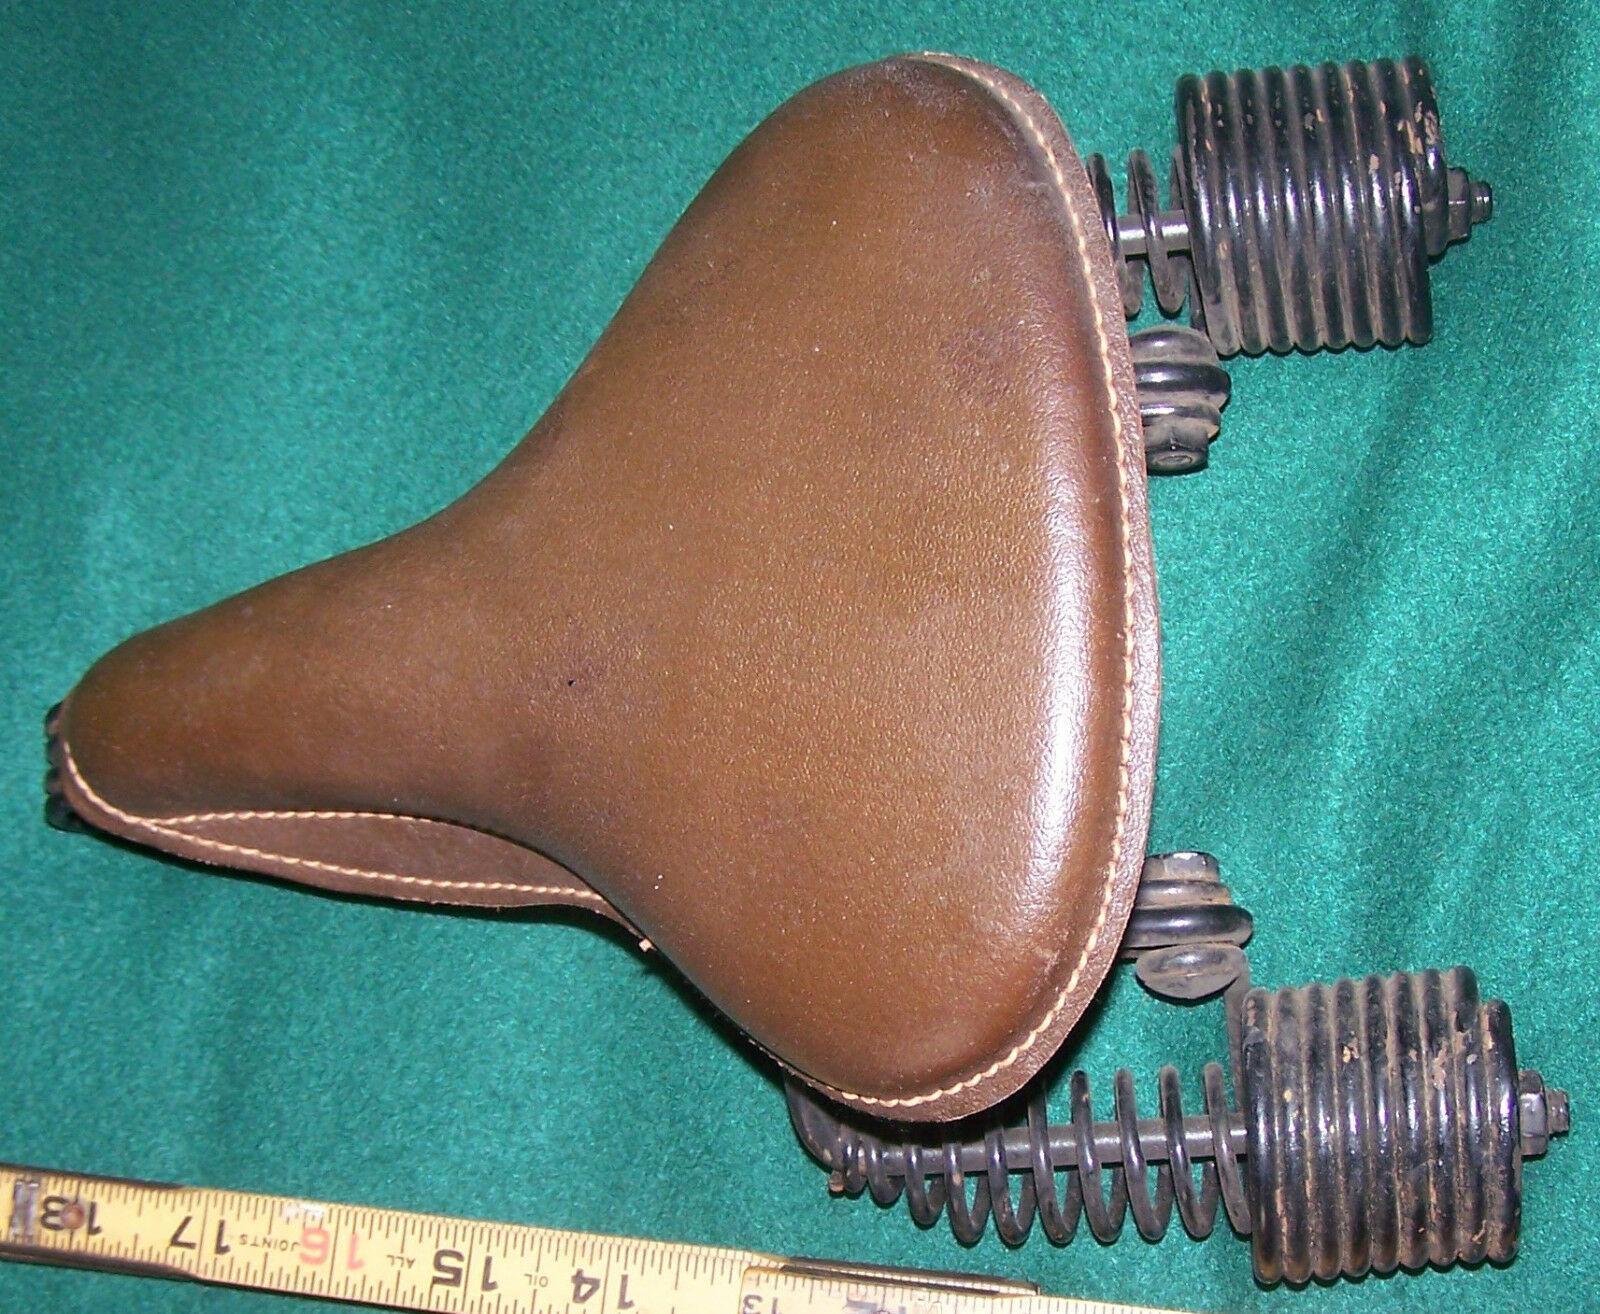 s-l1600 juvi saddle.jpg 4jpg.jpg